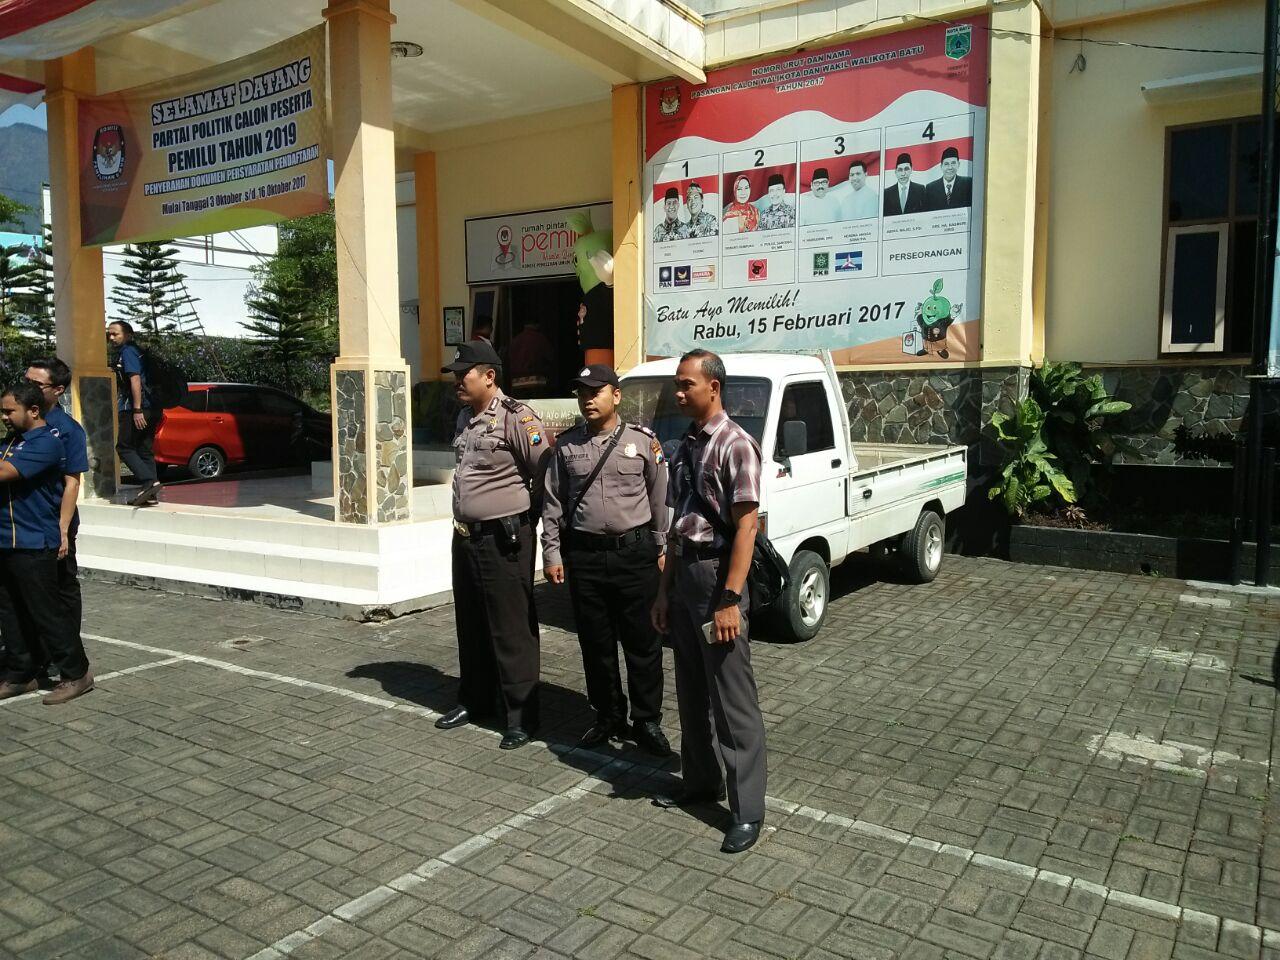 Polsek Junrejo Polres Batu Melaksanakan Pengamanan Dalam Rangka KPU Kota Batu